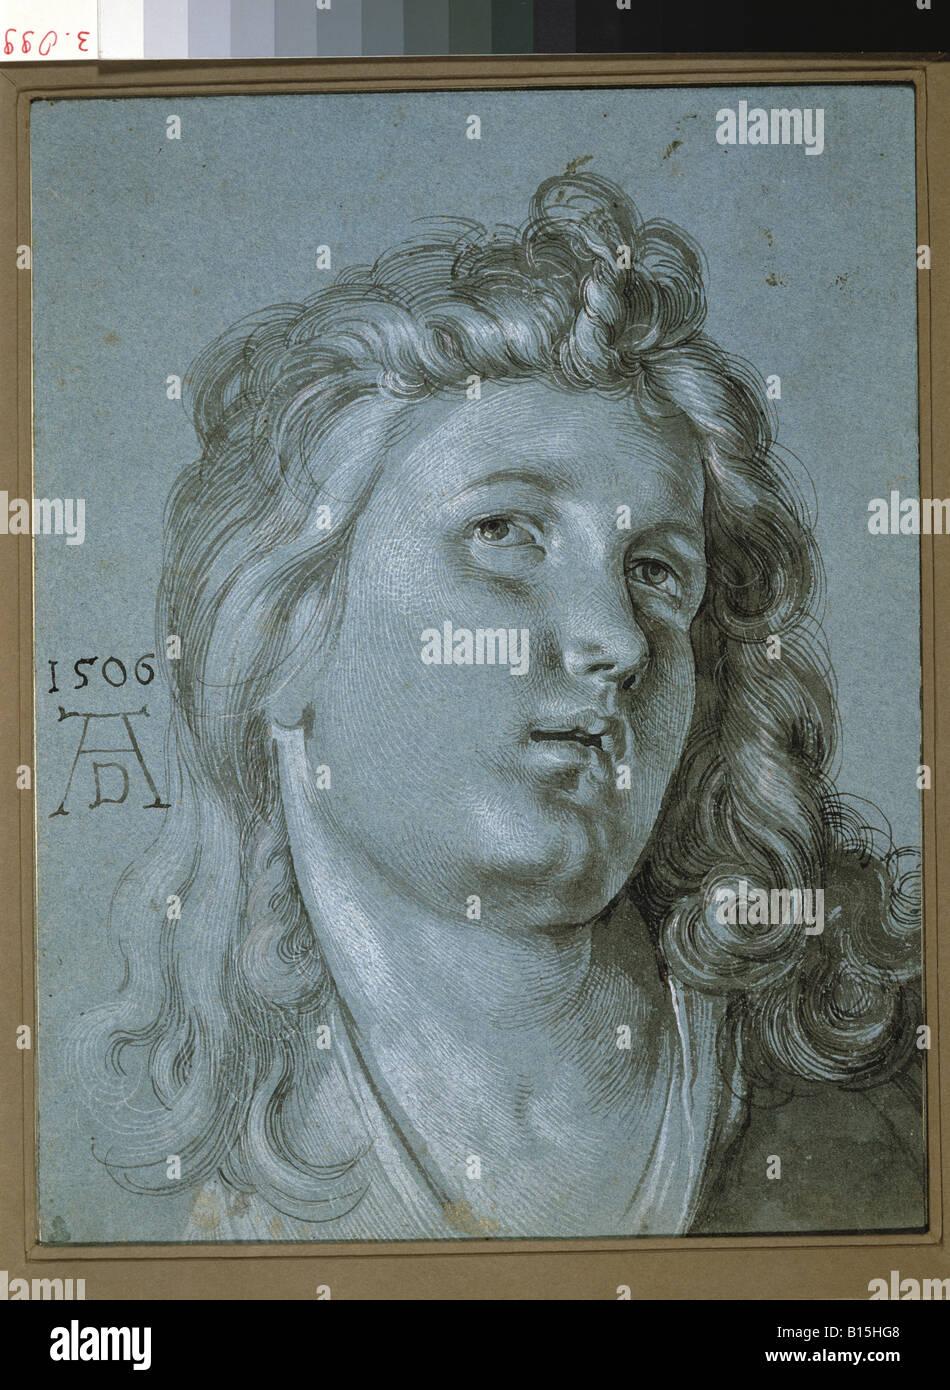 Bildende Kunst, Dürer, Albrecht (1471-1528), Kopf eines Engels, Zeichnung, 1506, Renaissance, Deutschland, Signatur,Stockfoto